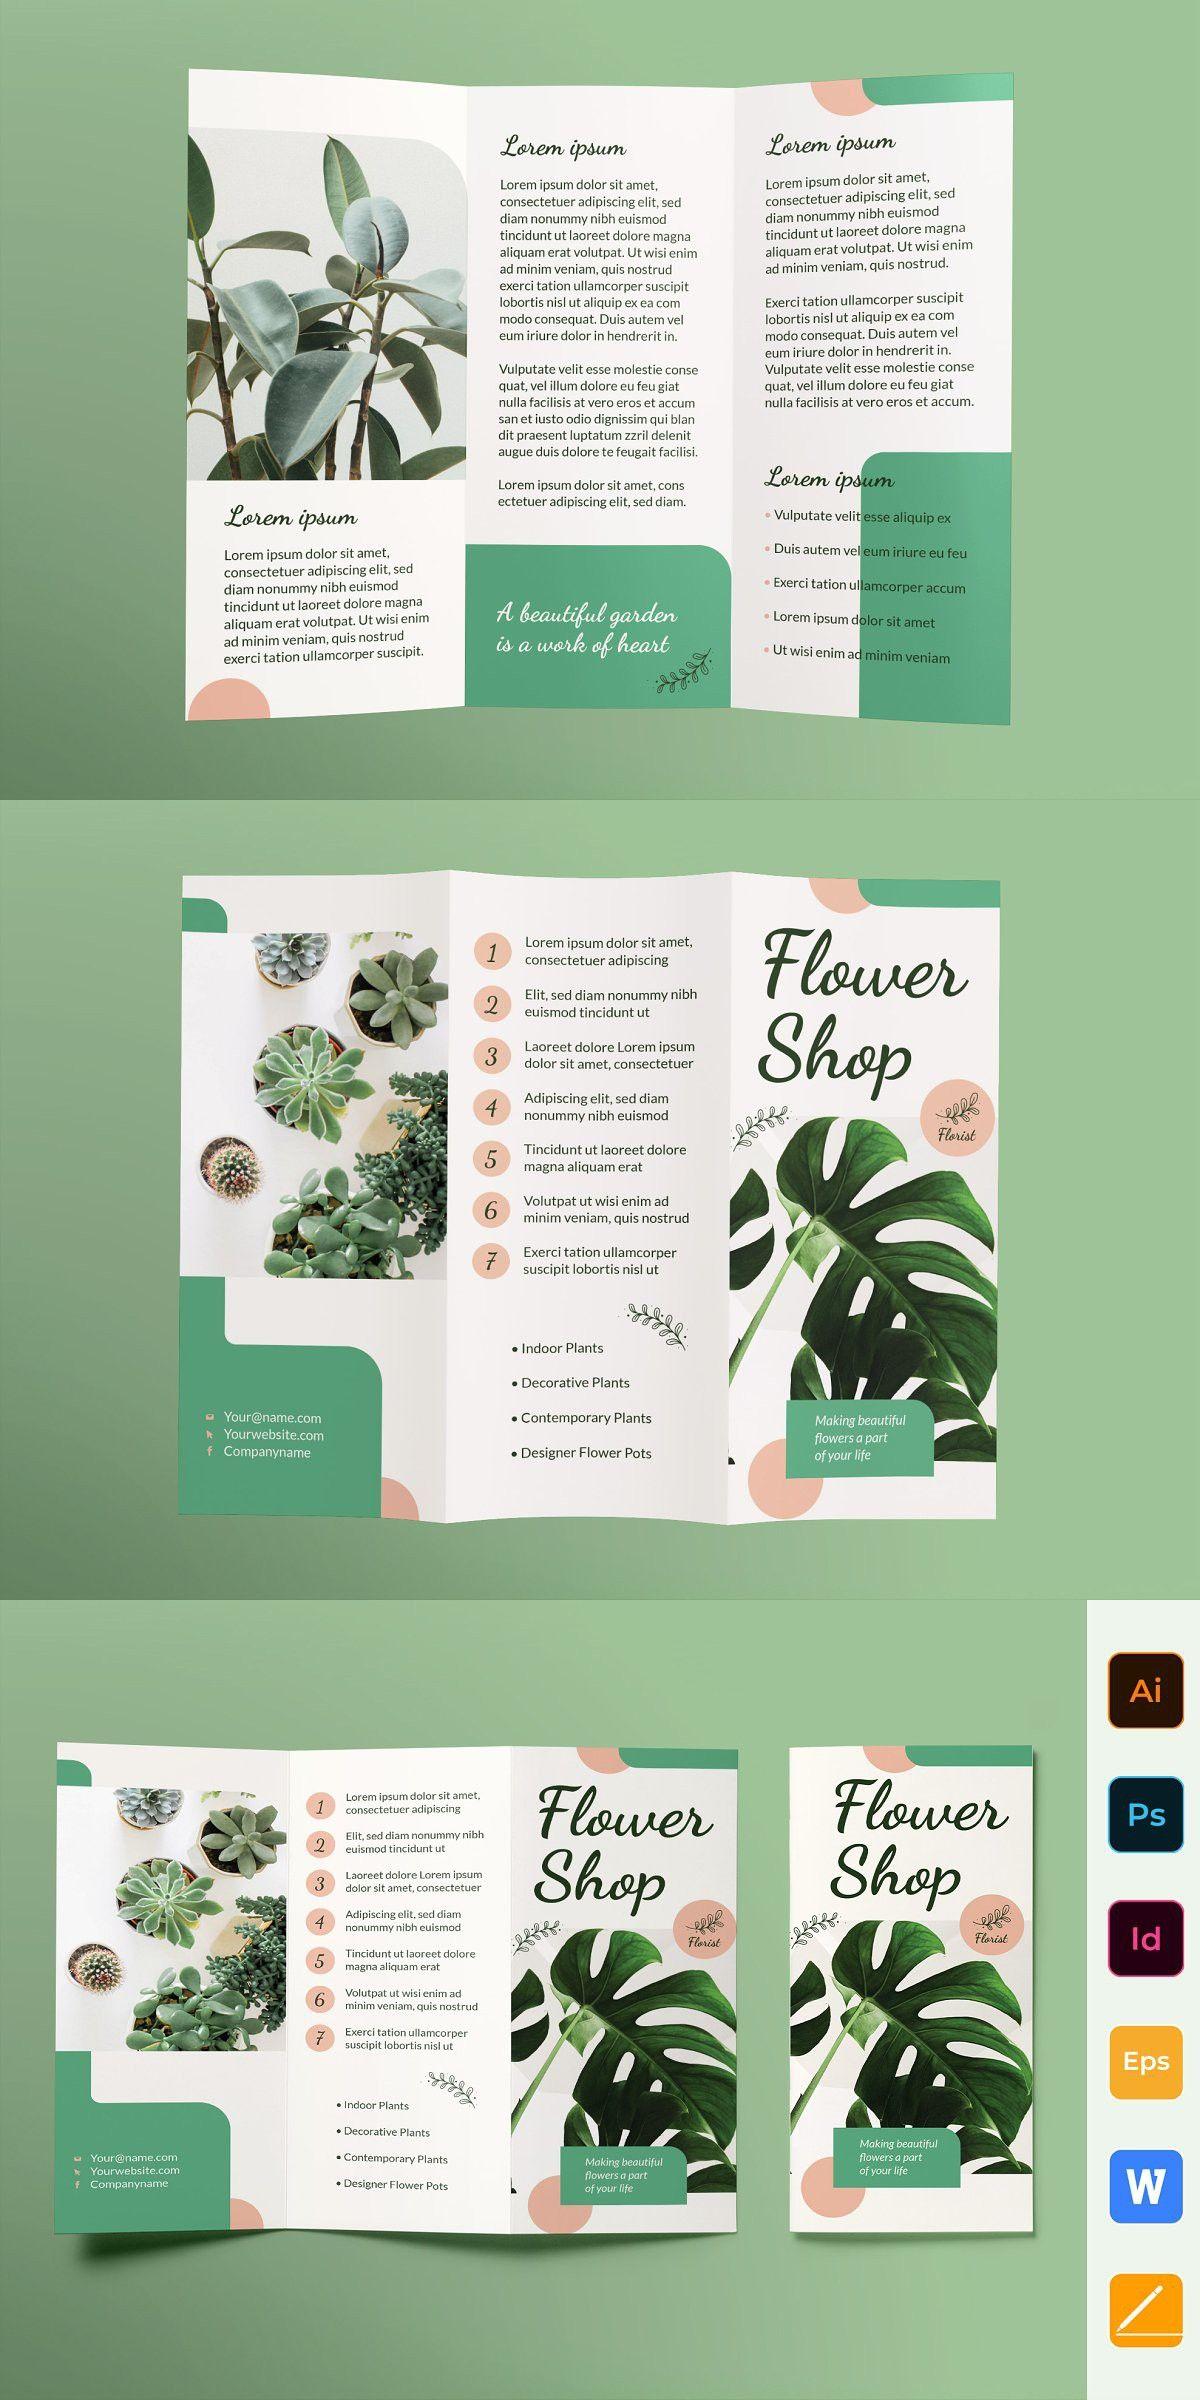 Flower Shop Brochure Trifold Brochure Design Creative Graphic Design Brochure Brochure Design Layout